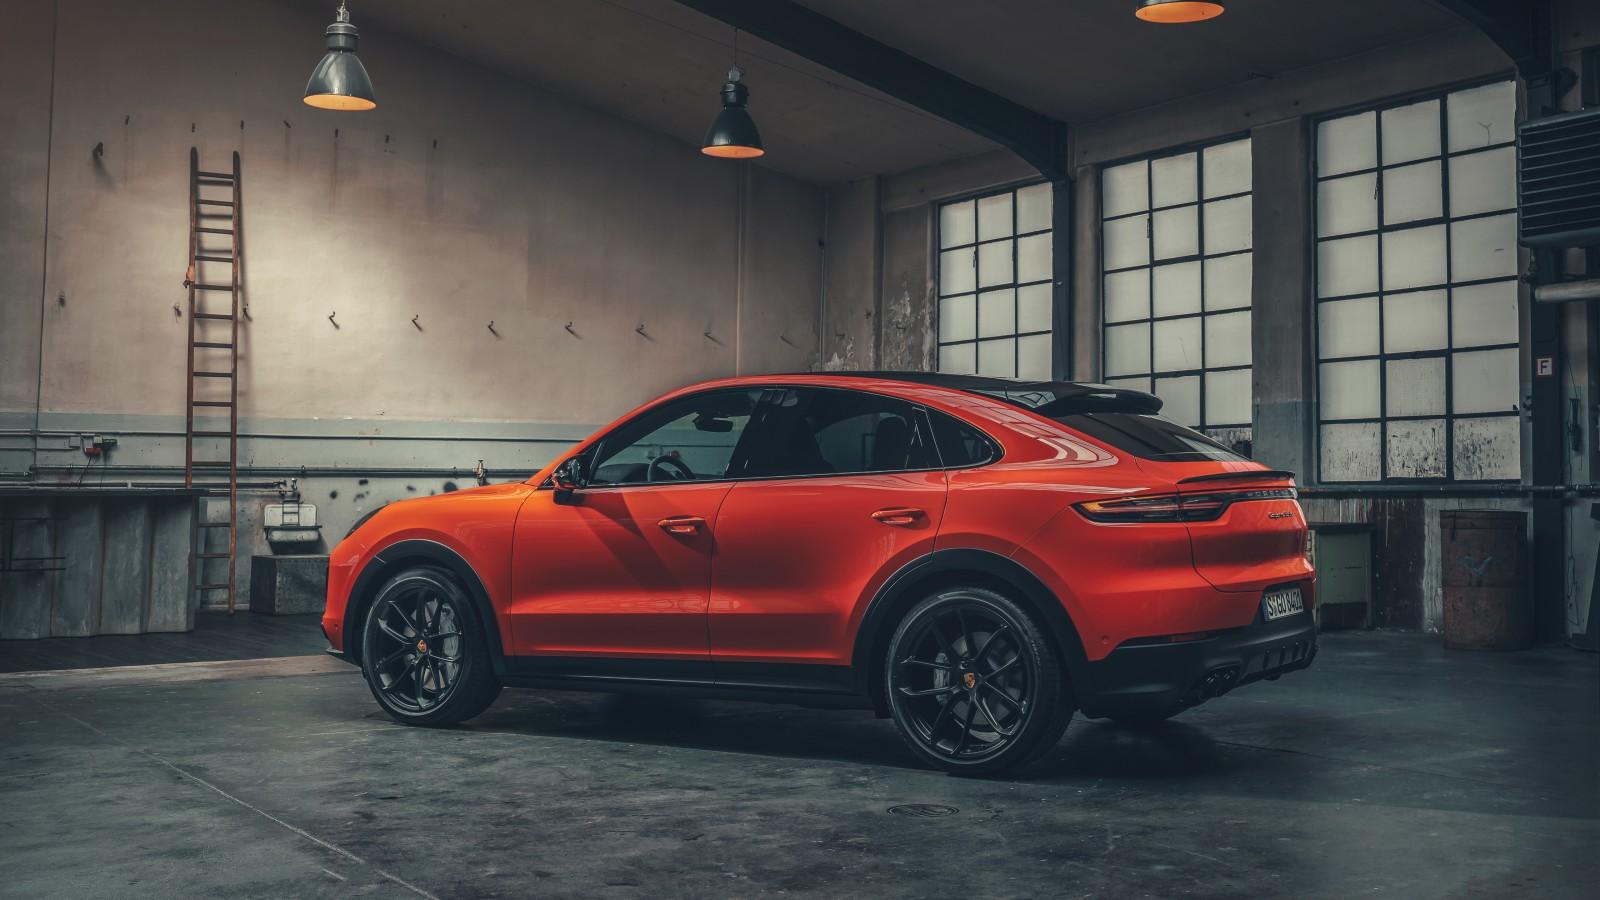 Porsche Cayenne Turbo Coupe 2019 4K 2 Wallpaper | HD Car ...